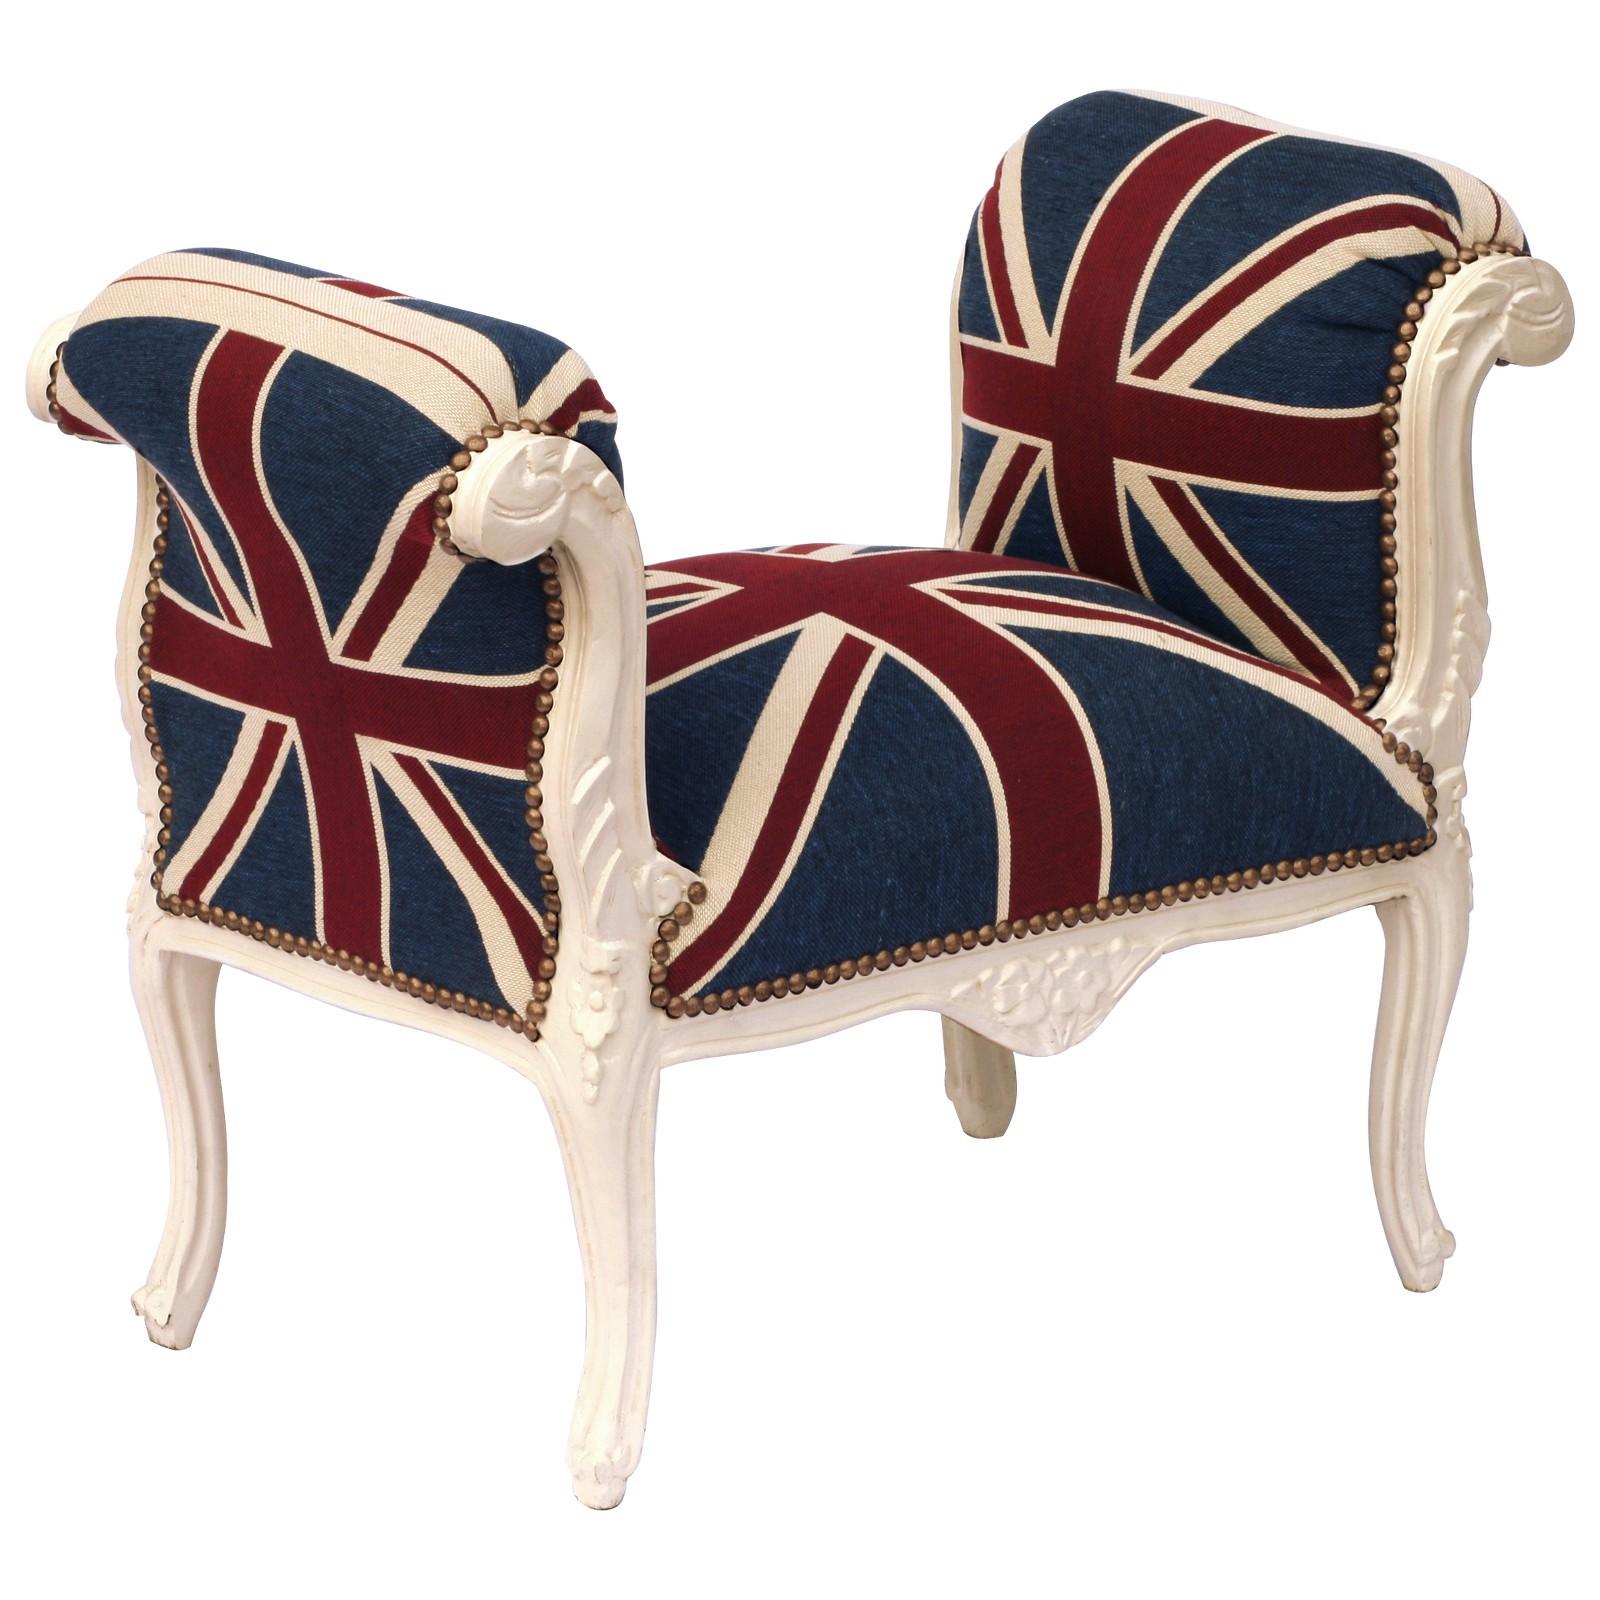 englische sitzbank barock motiv uk flagge stoff massivholz beige hocker armlehne. Black Bedroom Furniture Sets. Home Design Ideas